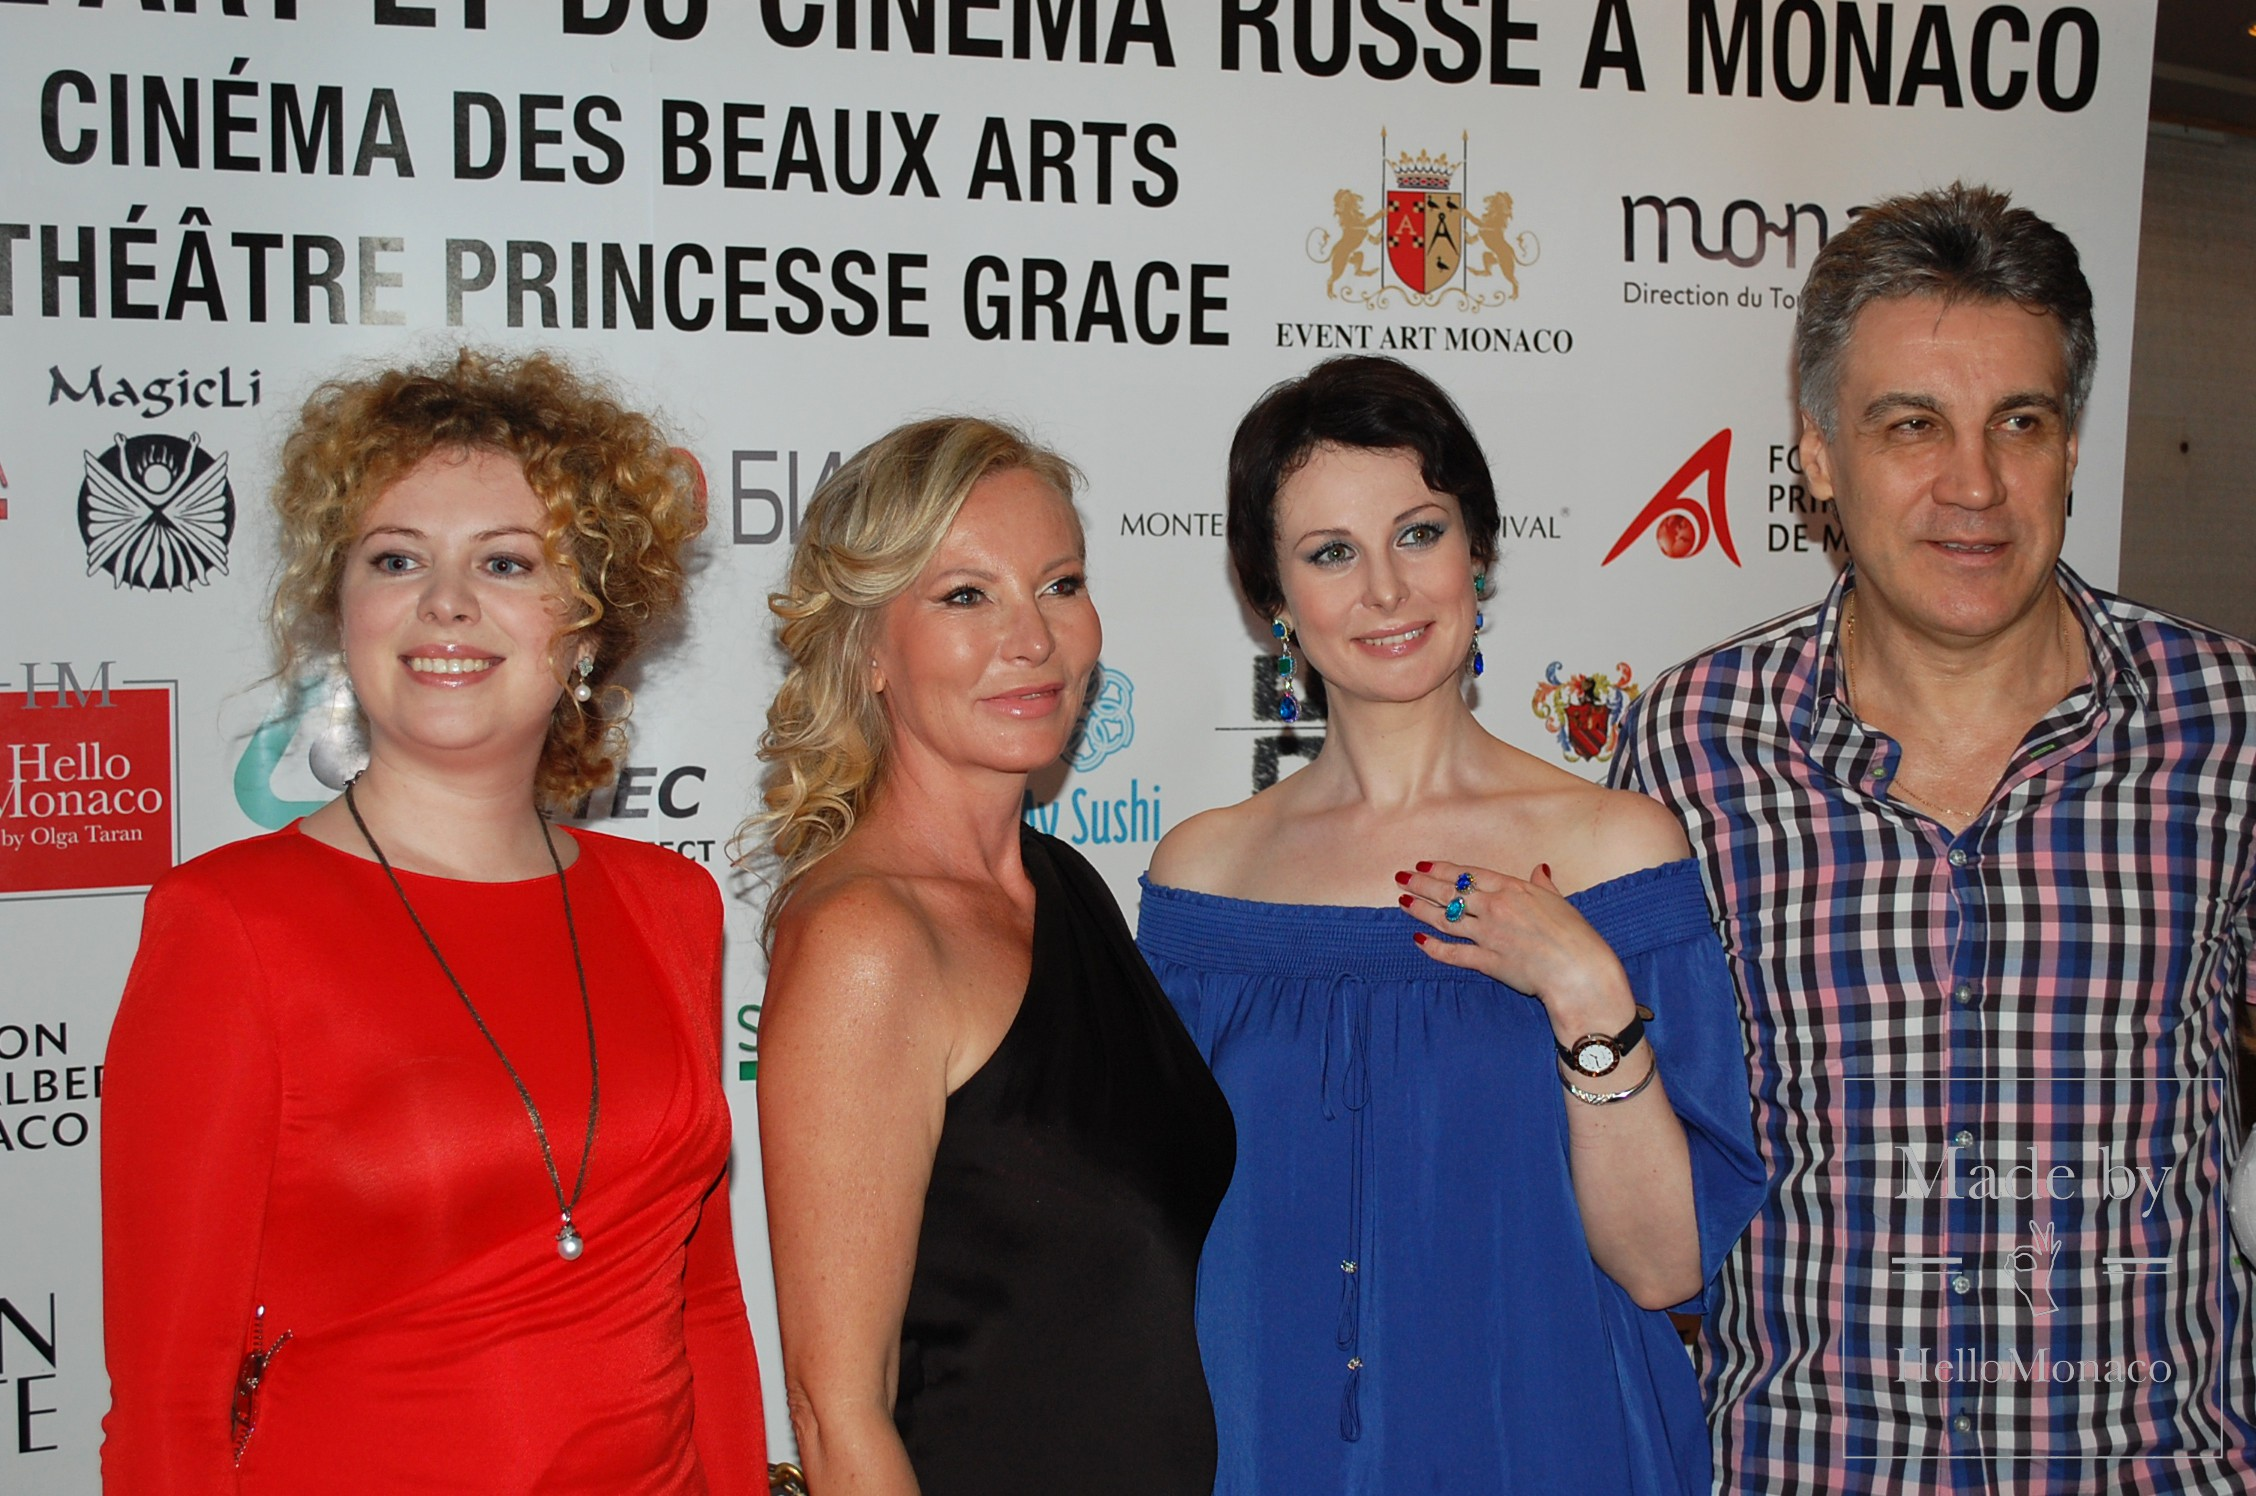 Открытие IV Фестиваля русского искусства и кино в Монако